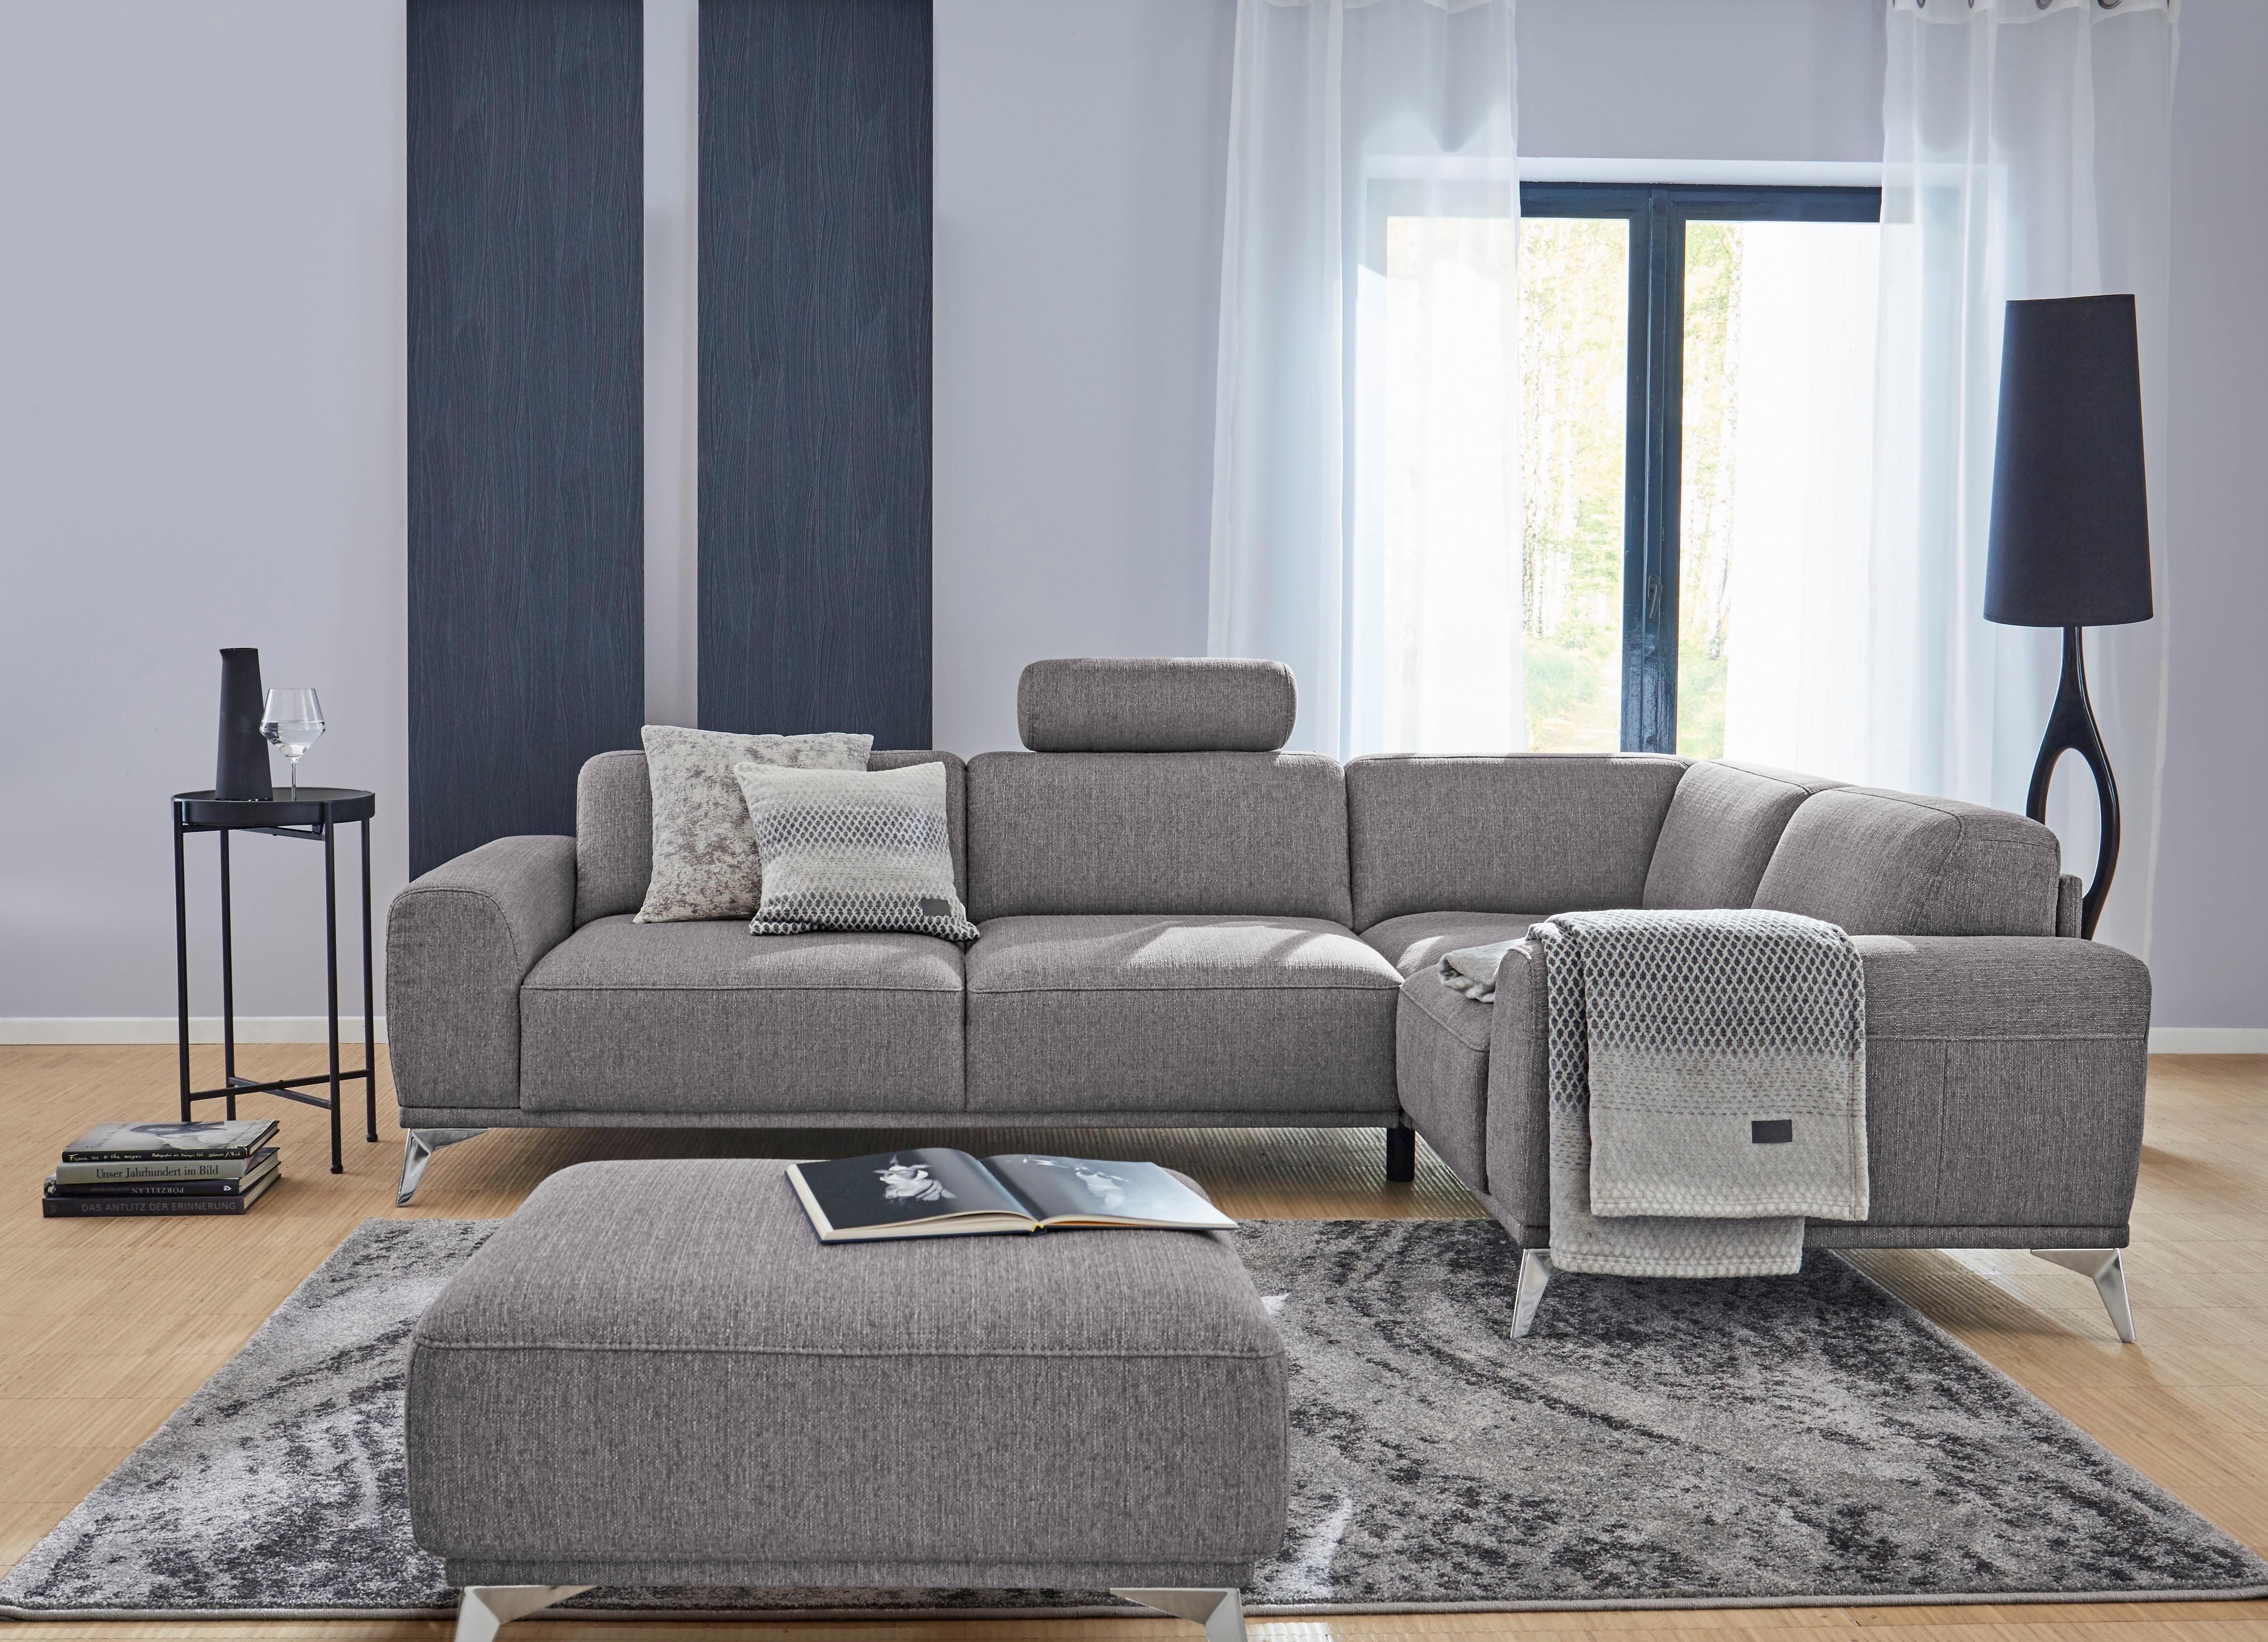 gordijn gmk home living sollin rimpelband set van 2 online shop otto. Black Bedroom Furniture Sets. Home Design Ideas